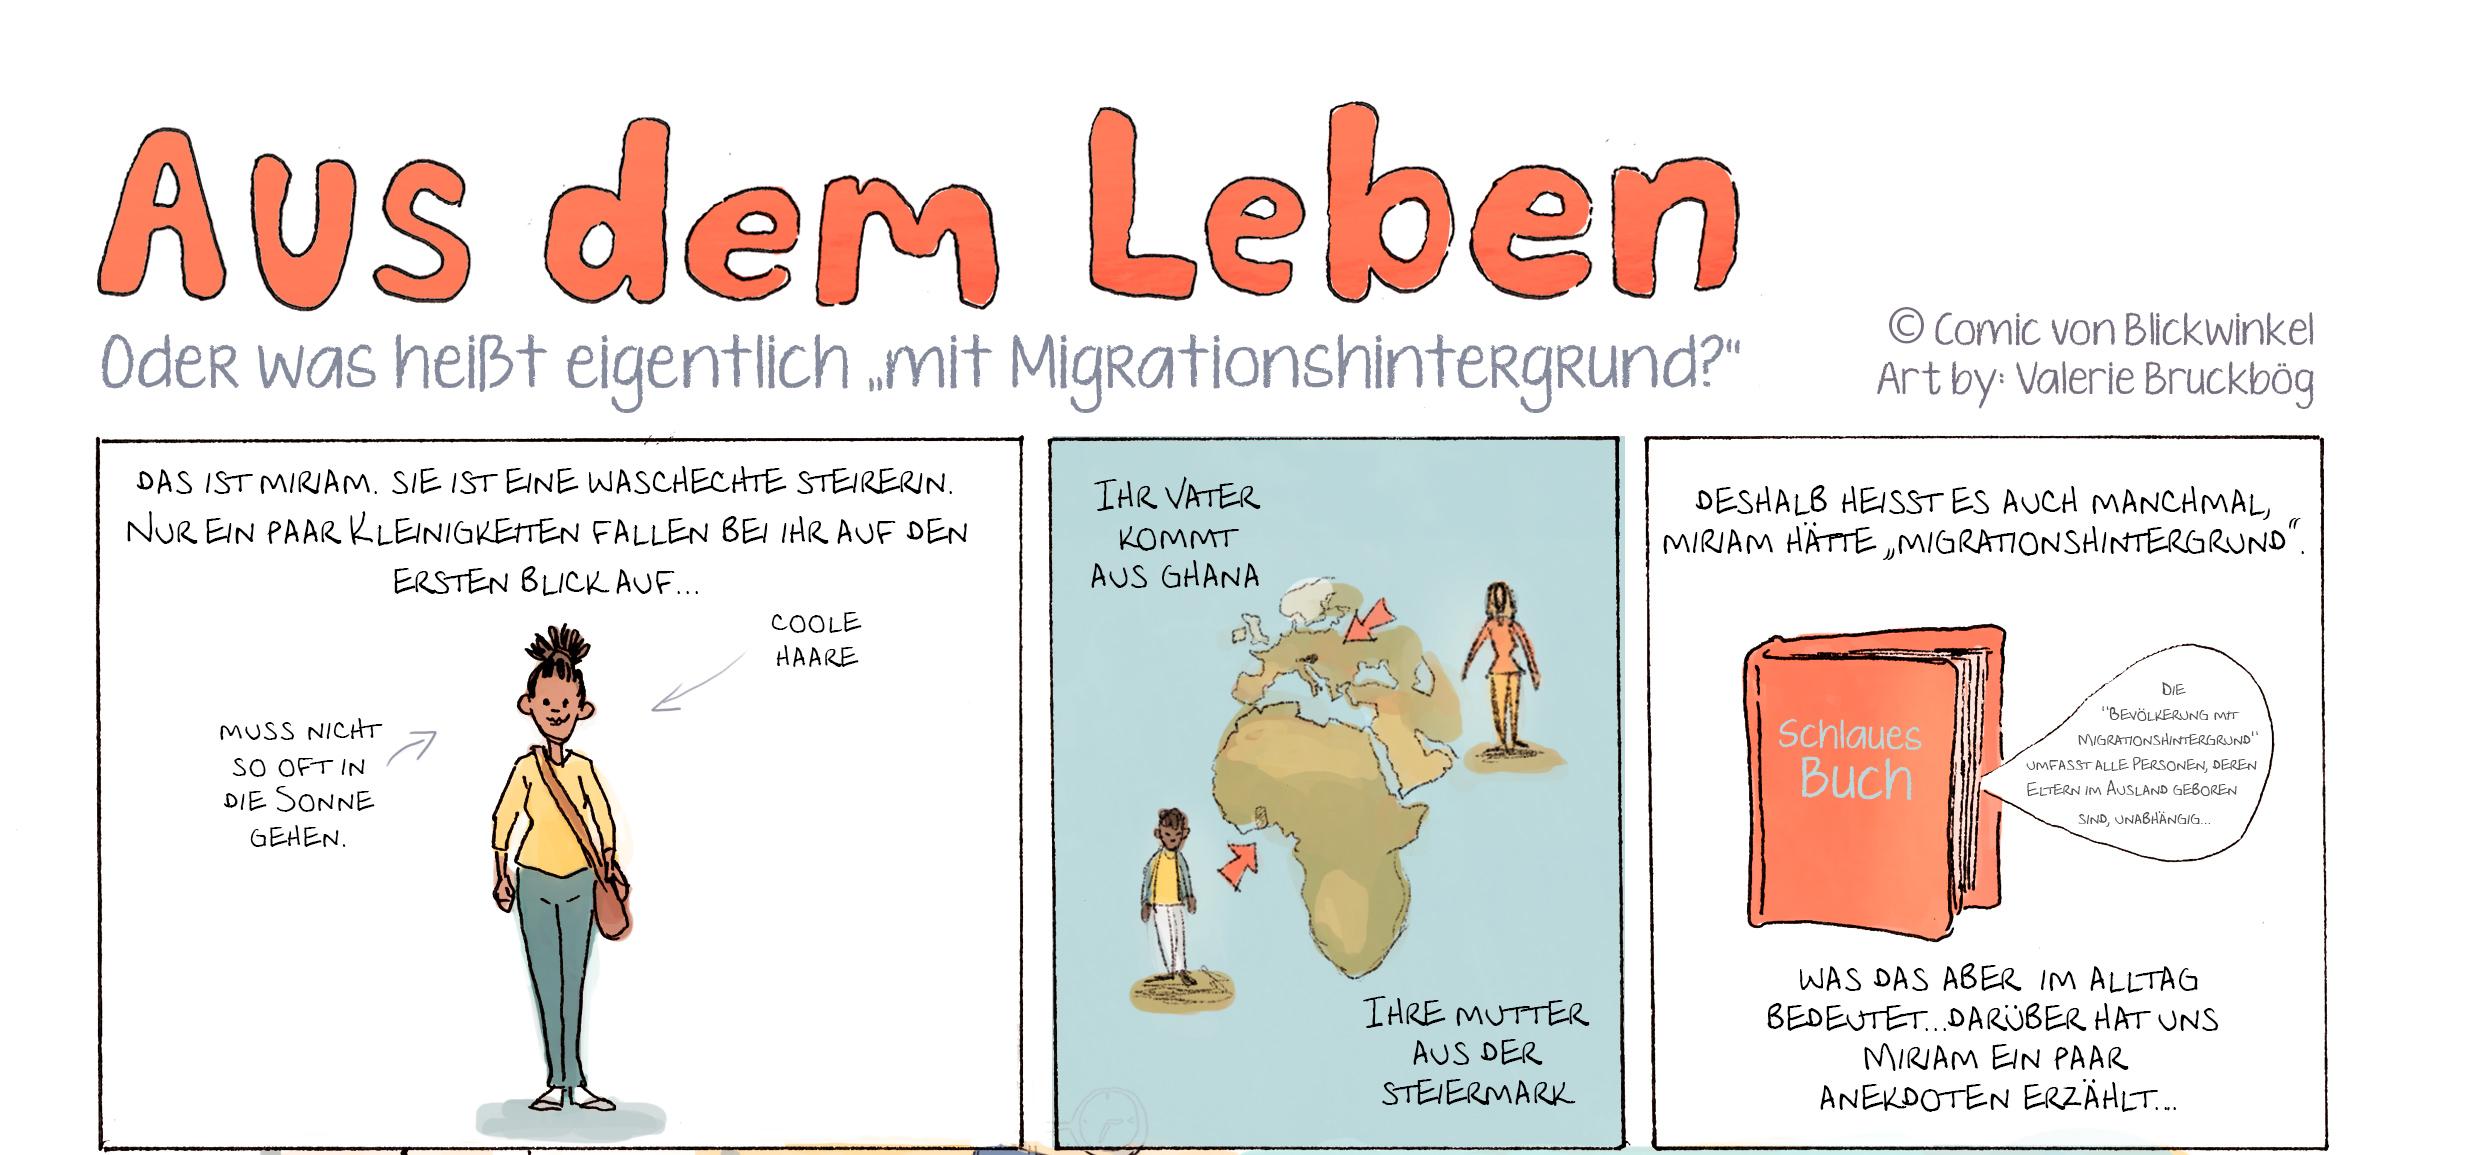 Aus dem Leben ist eine Comic-Serie von Blickwinkel, Mut zur Perspektive. Gezeichnet wurde die Geschichte von Valerie Bruckbög nach einem Interview mit Kathrin Kaisinger und Miriam im Augartenpark in Graz.